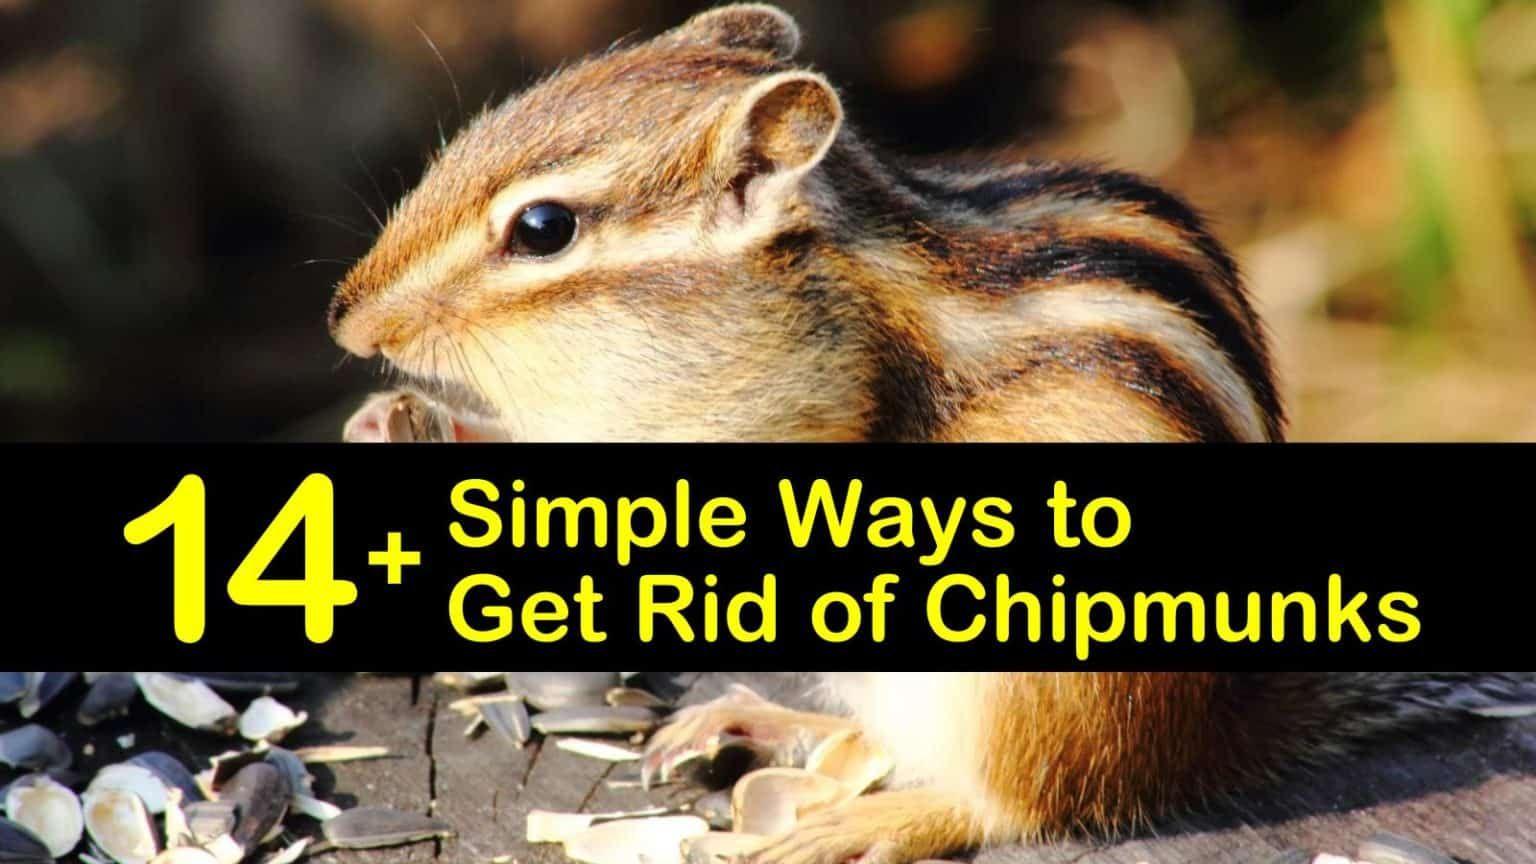 14 Simple Ways To Get Rid Of Chipmunks In 2020 Get Rid Of Chipmunks Chipmunks Chipmunk Repellent